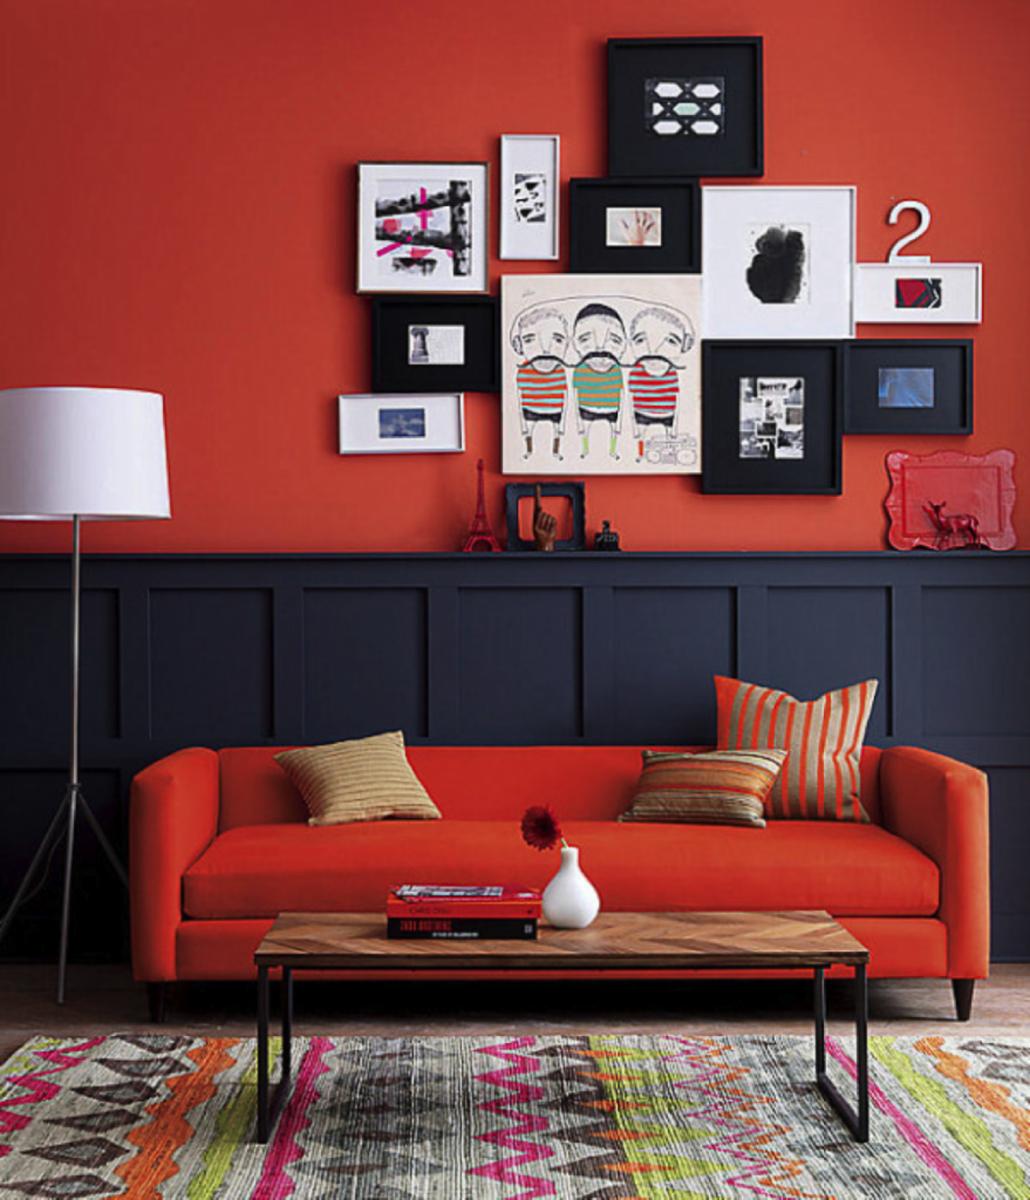 постеры в интерьере цвет